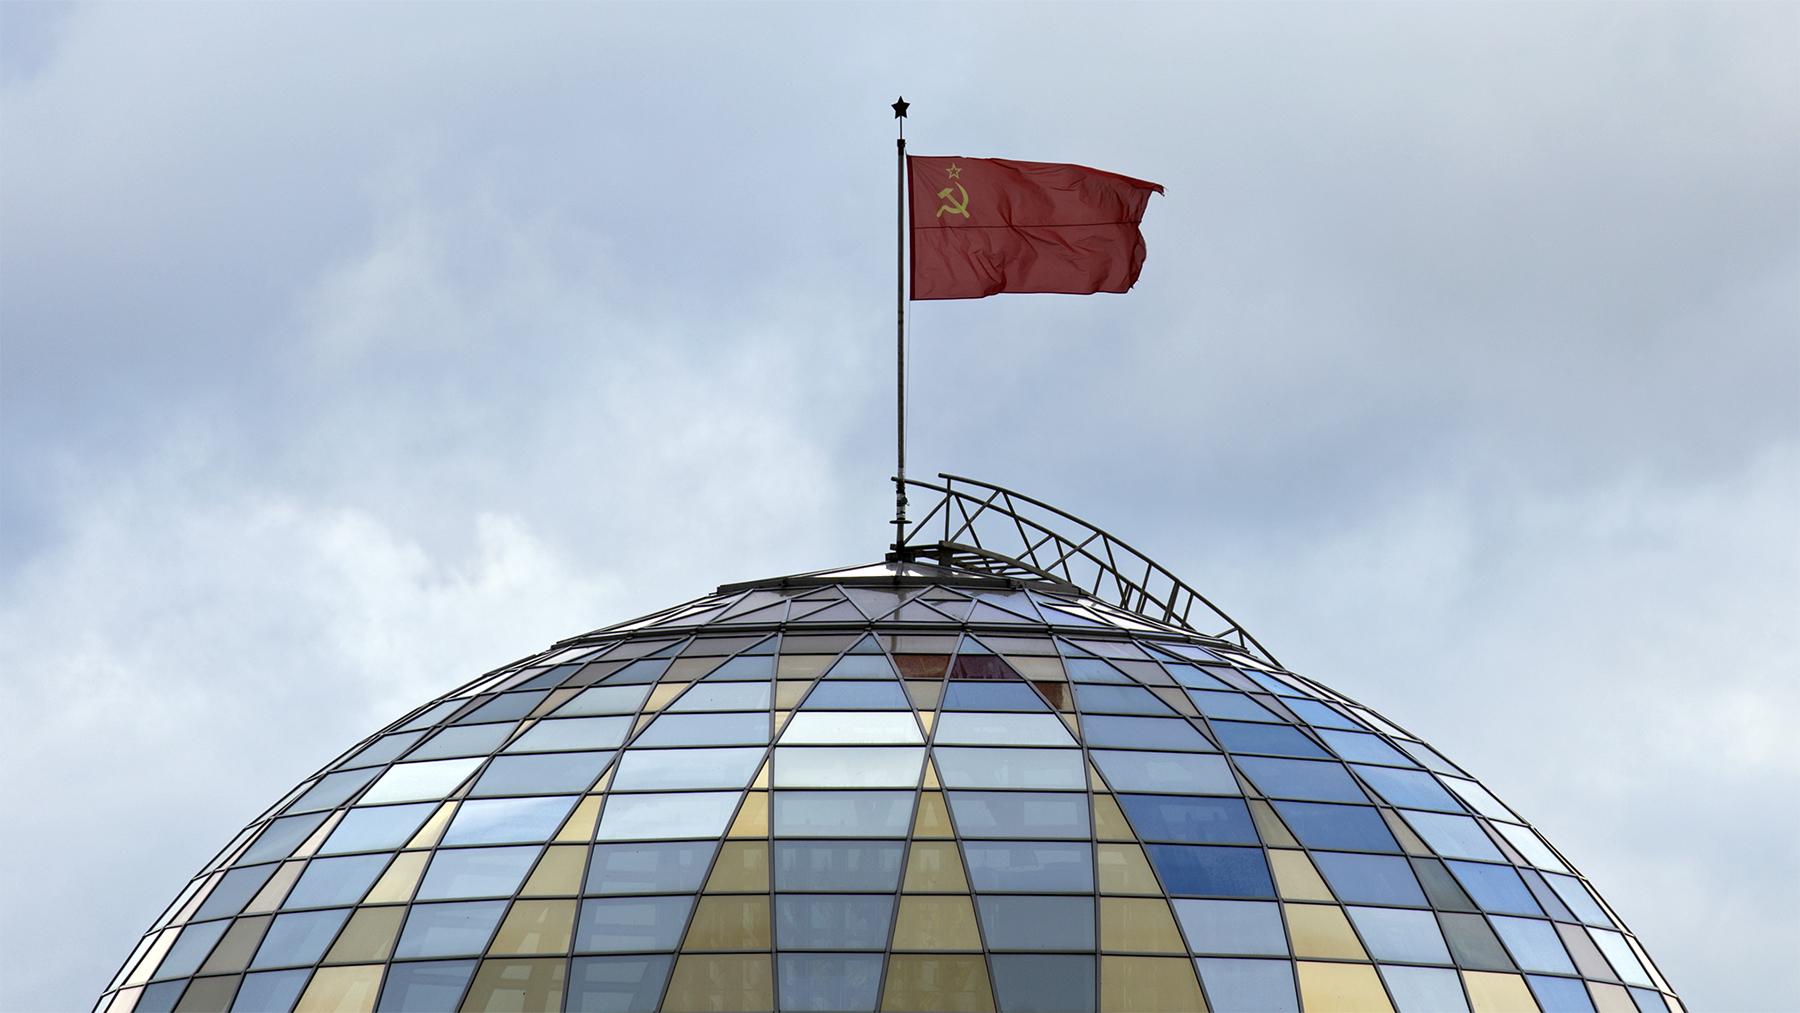 Staatsflagge der Sowjetunion über dem Dach des Museums für die Geschichte des Großen Vaterländischen Krieges in Minsk